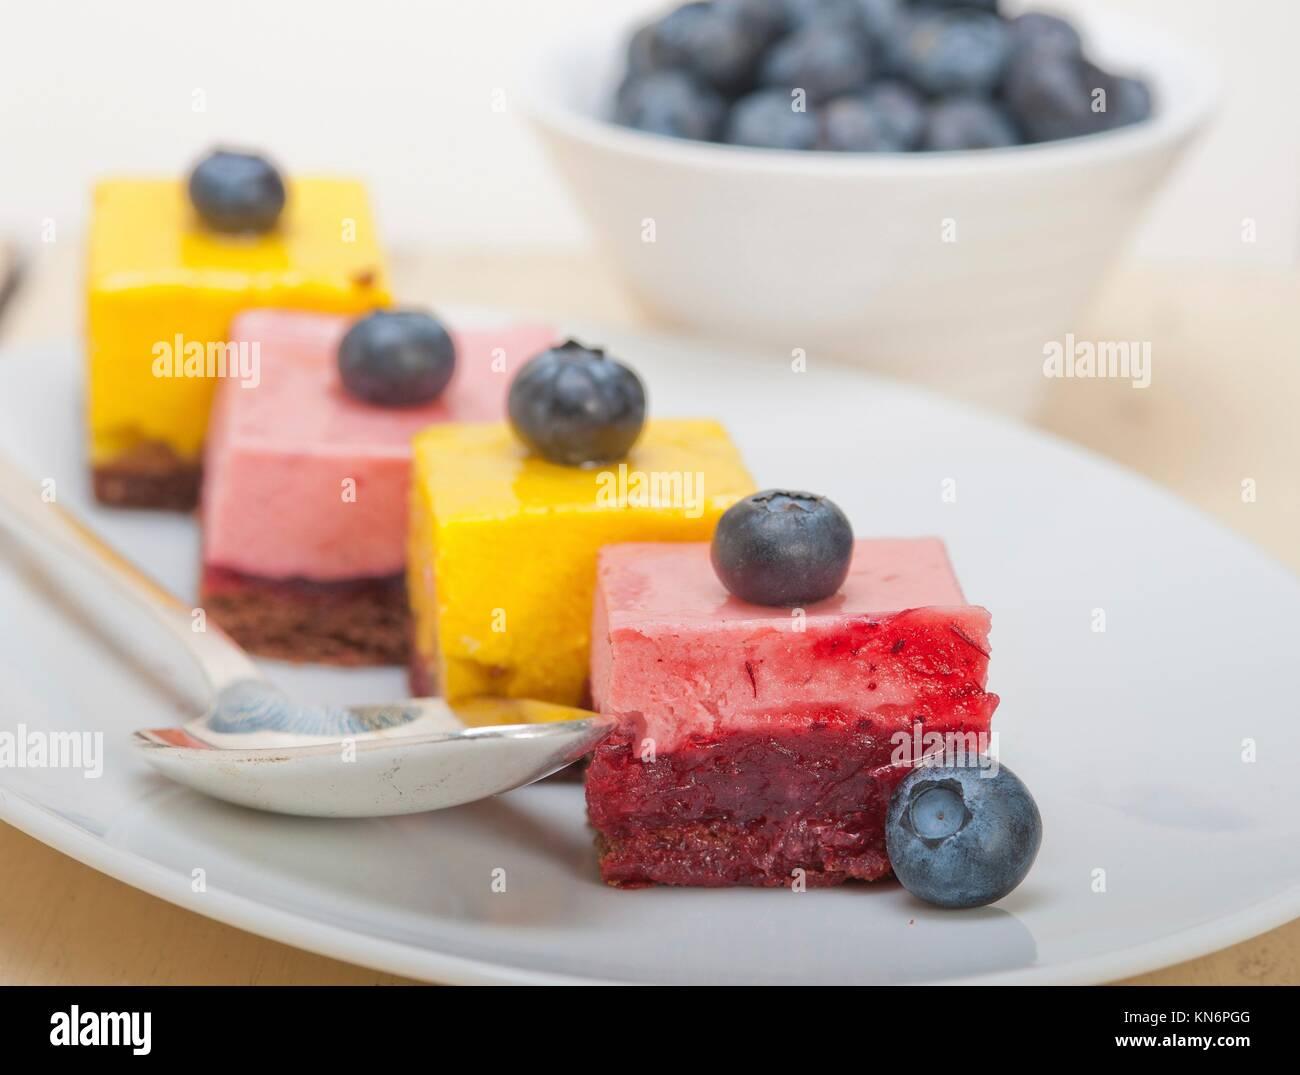 Des fraises fraîches et mousse à la mangue dessert gâteau avec blueberry. Photo Stock